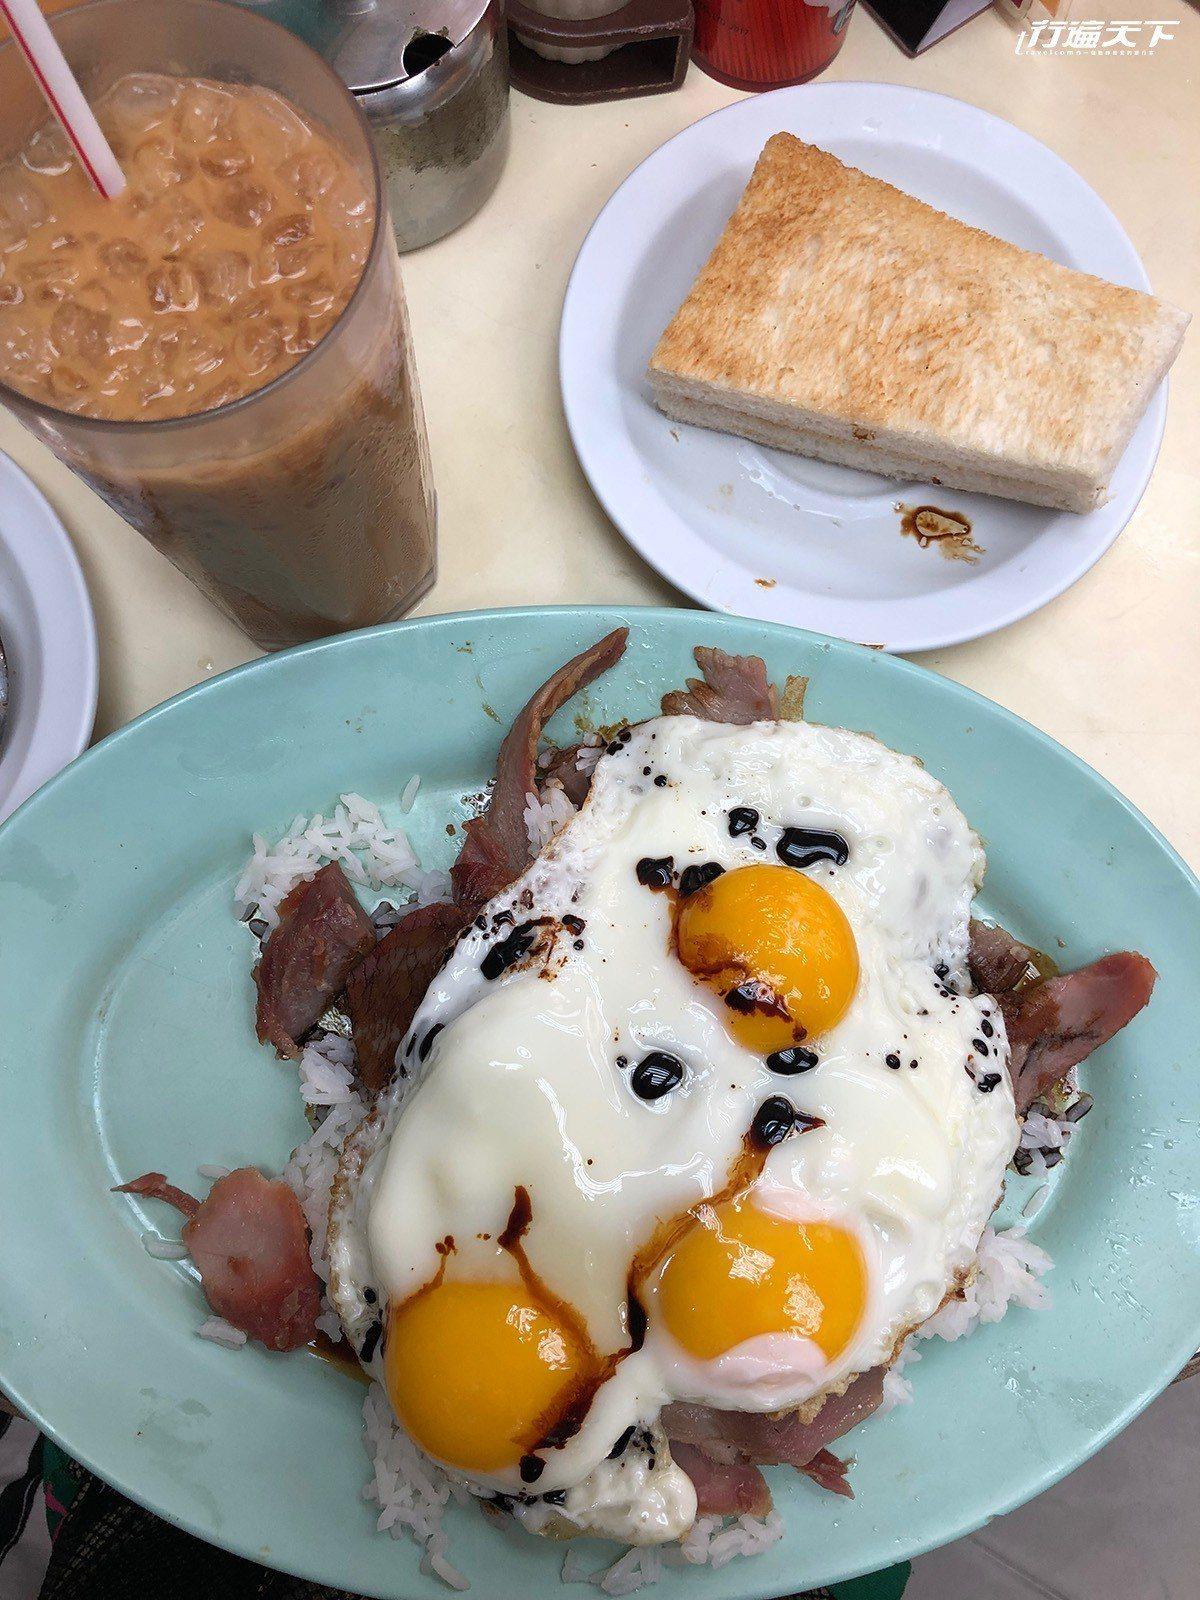 ▲半熟的蛋劃開,蛋汁流在飯上,實在太美味了!